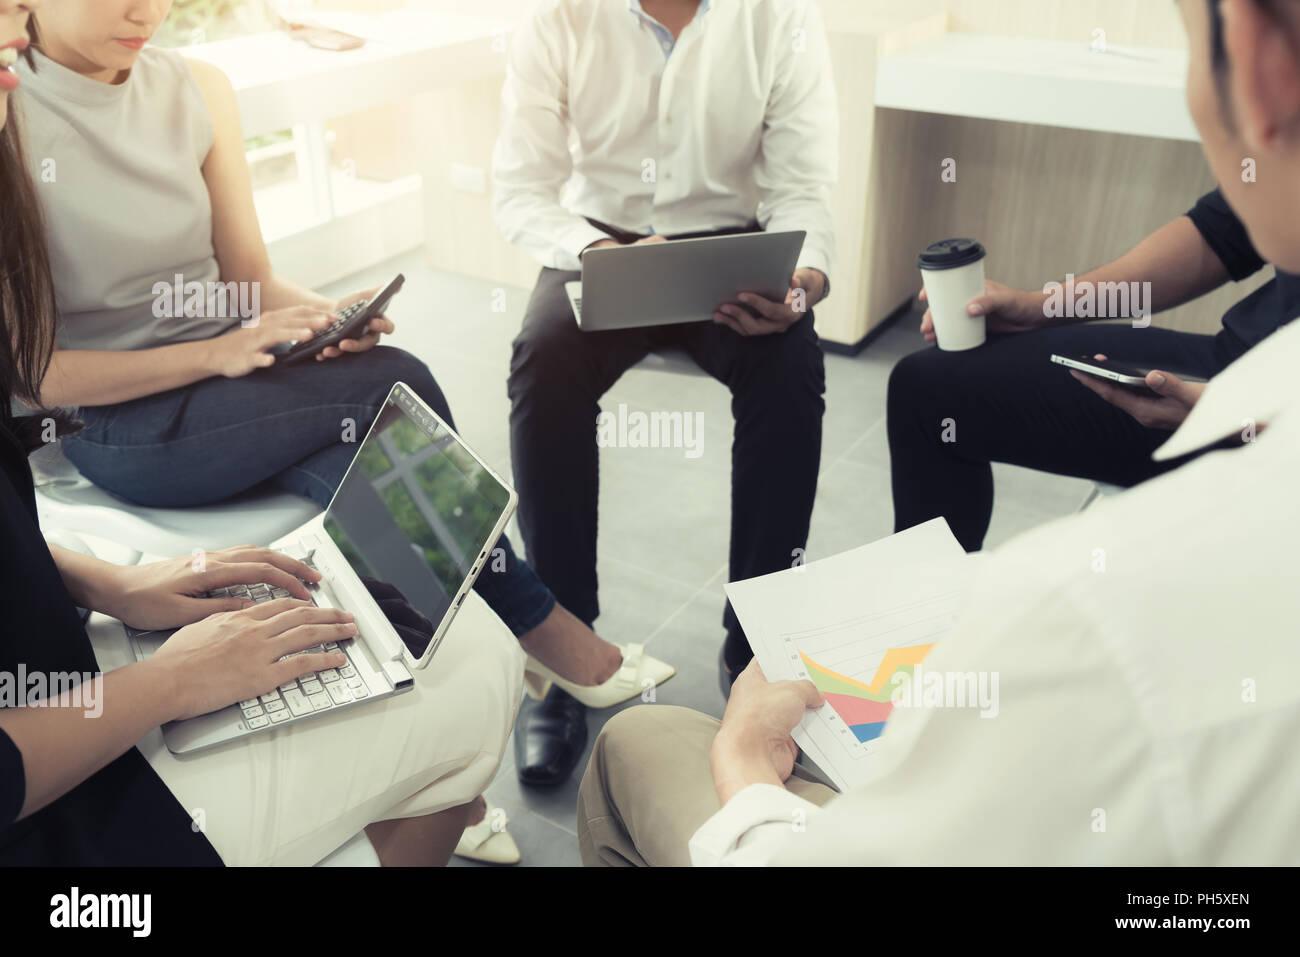 People Development occasionnels bureau moderne. L'équipe d'affaires collaborateurs Rapport d'activités de partage de document. Banque D'Images